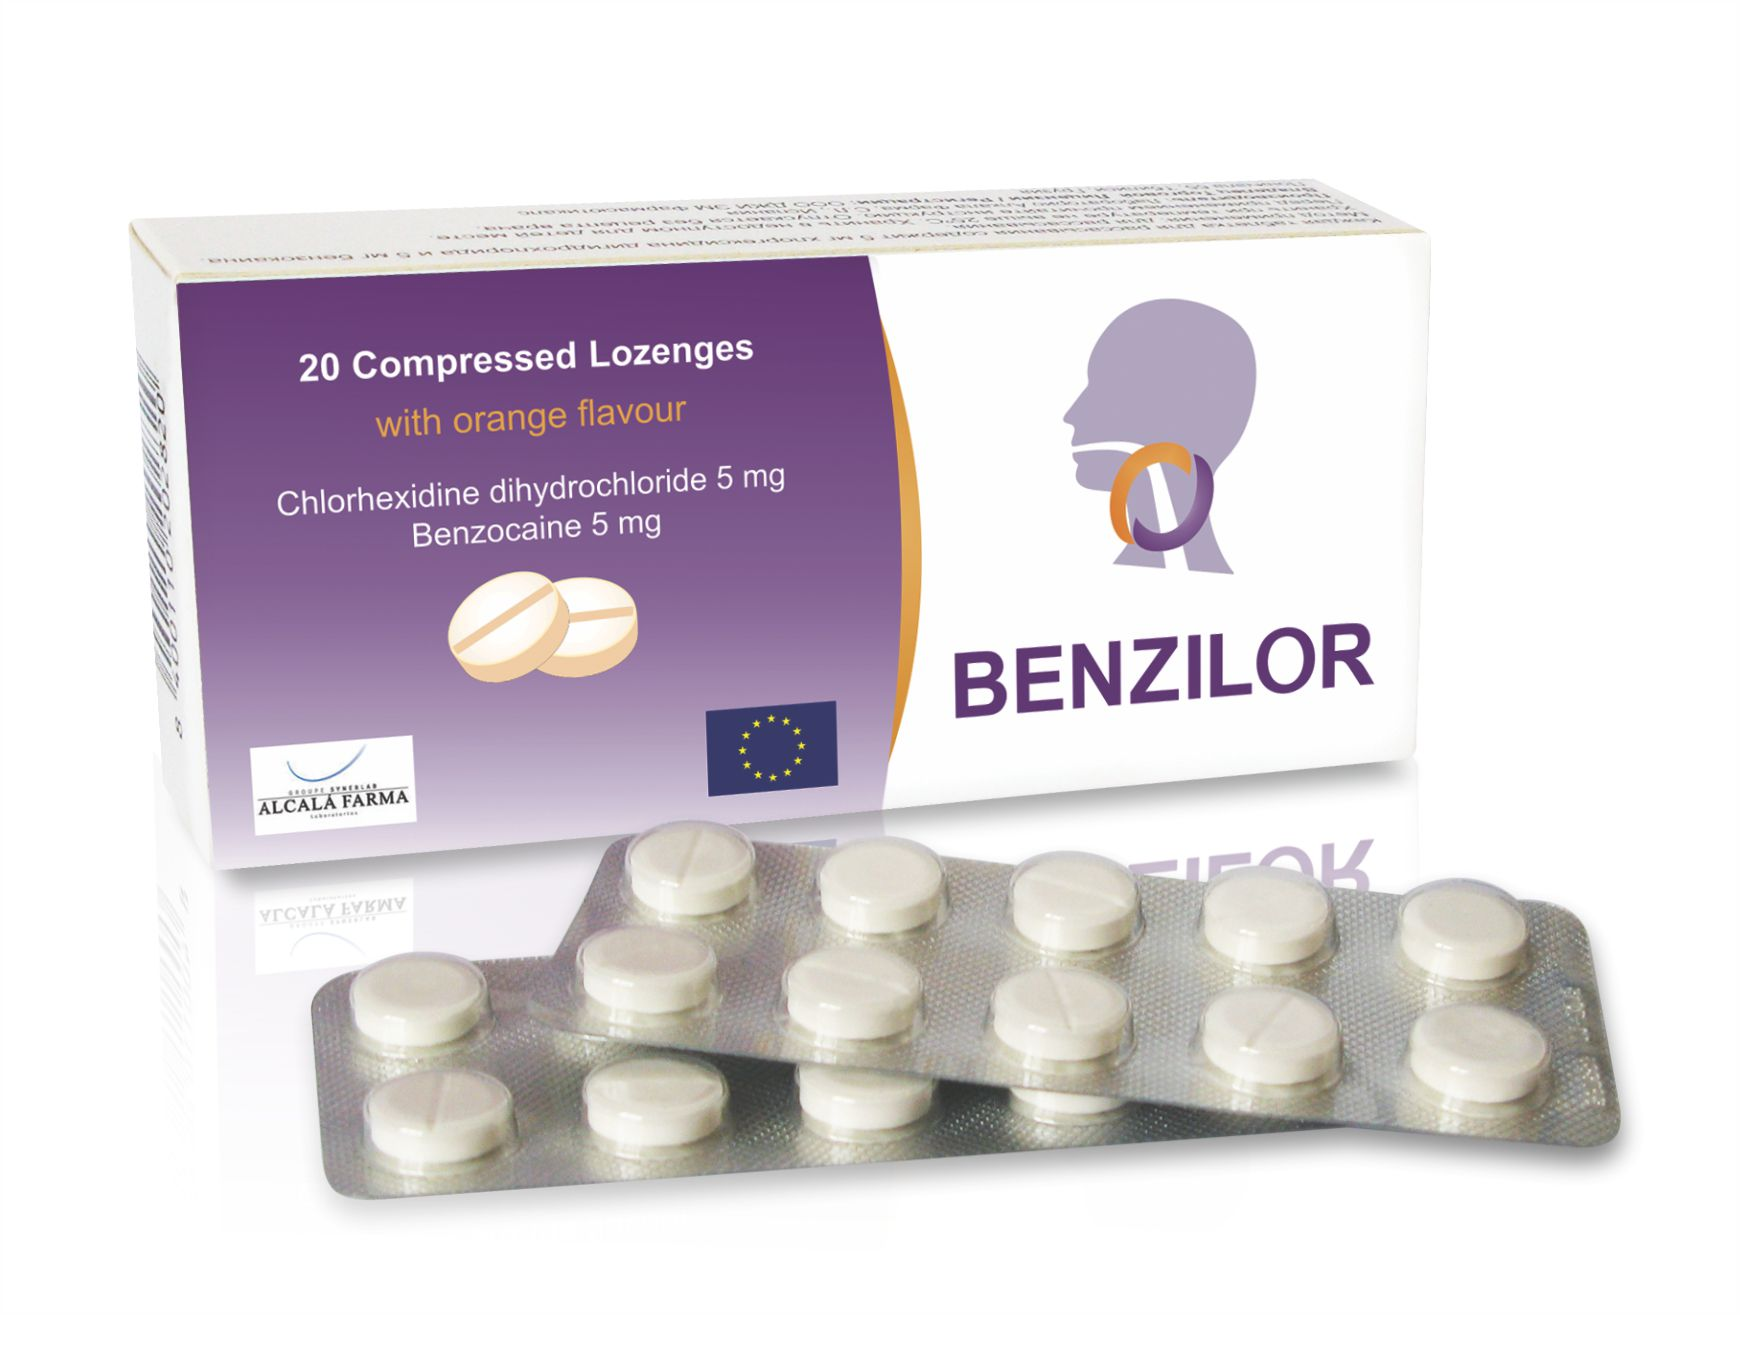 ბენზილორი - სასწრაფო დახმარება ყელის ტკივილის დროს